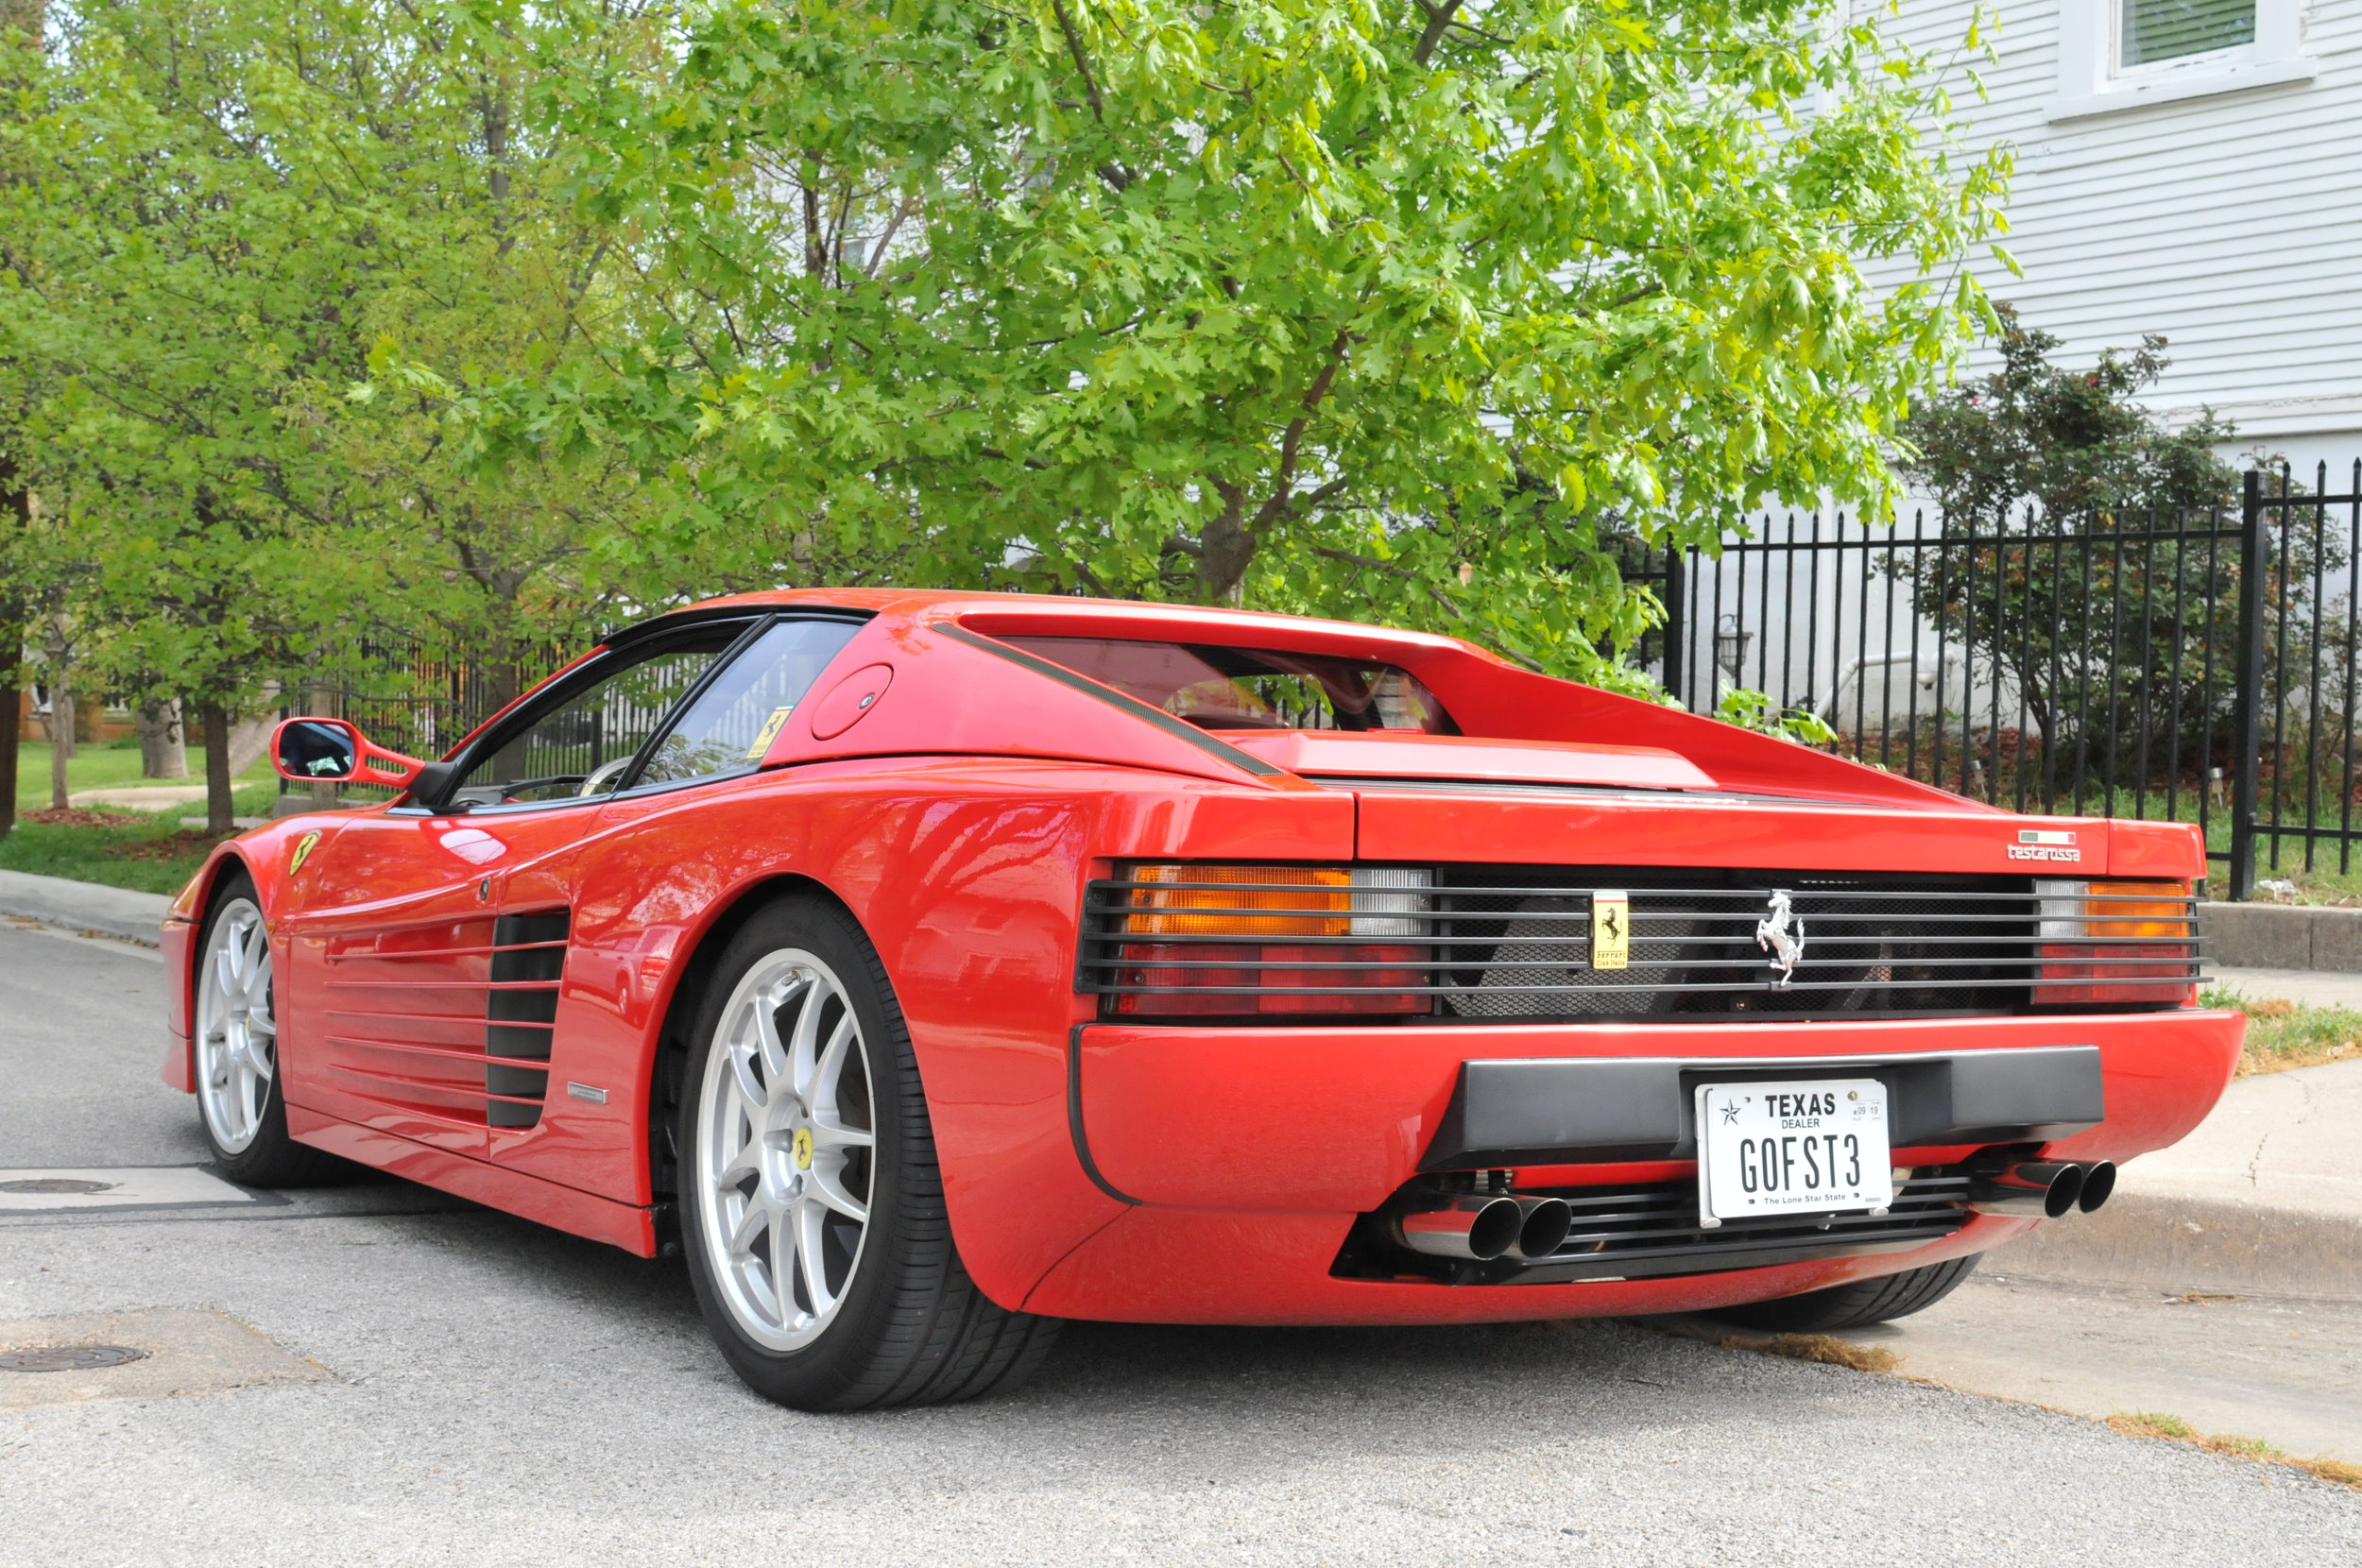 1991 Ferrari Testarossa Gf Motorsports